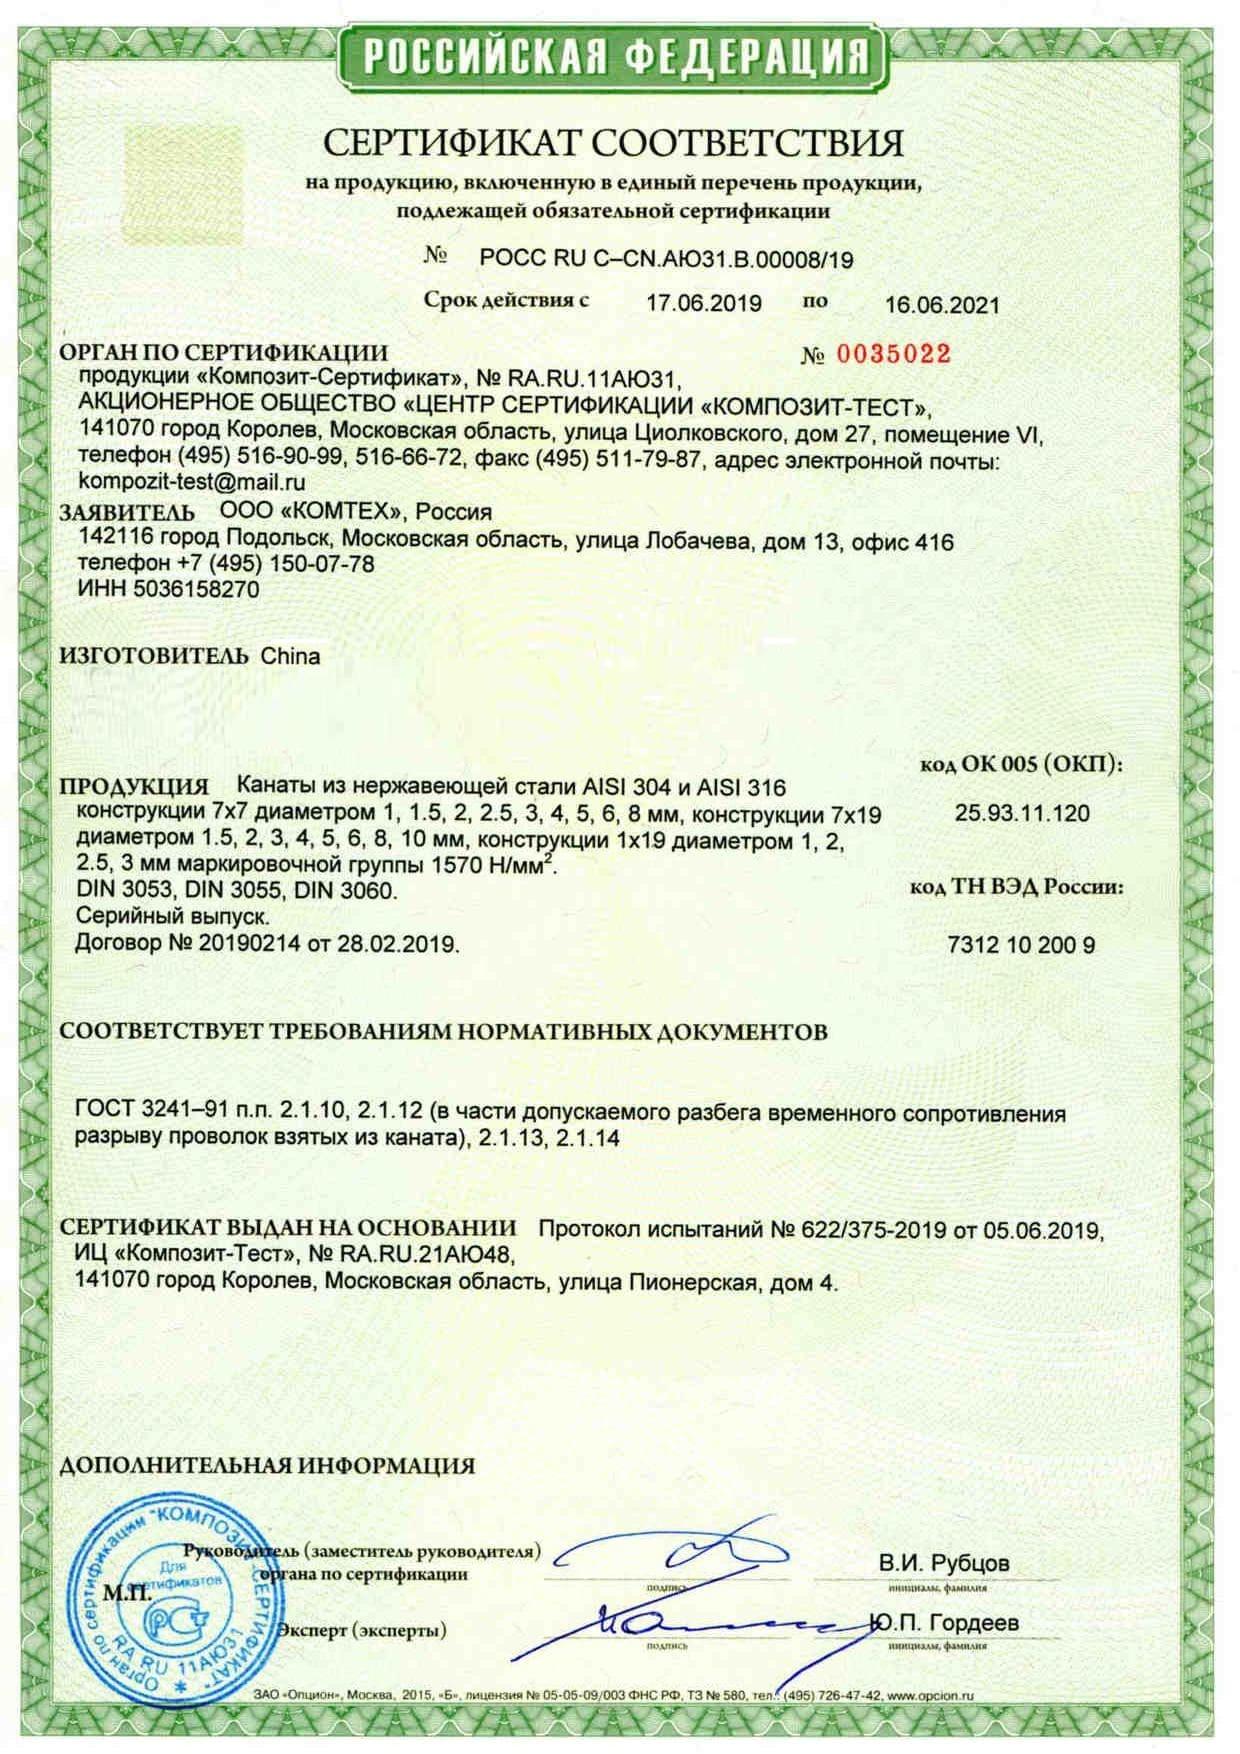 Сертификат соответствия. Срок действия с 17.06.2019 по 16.06.2021